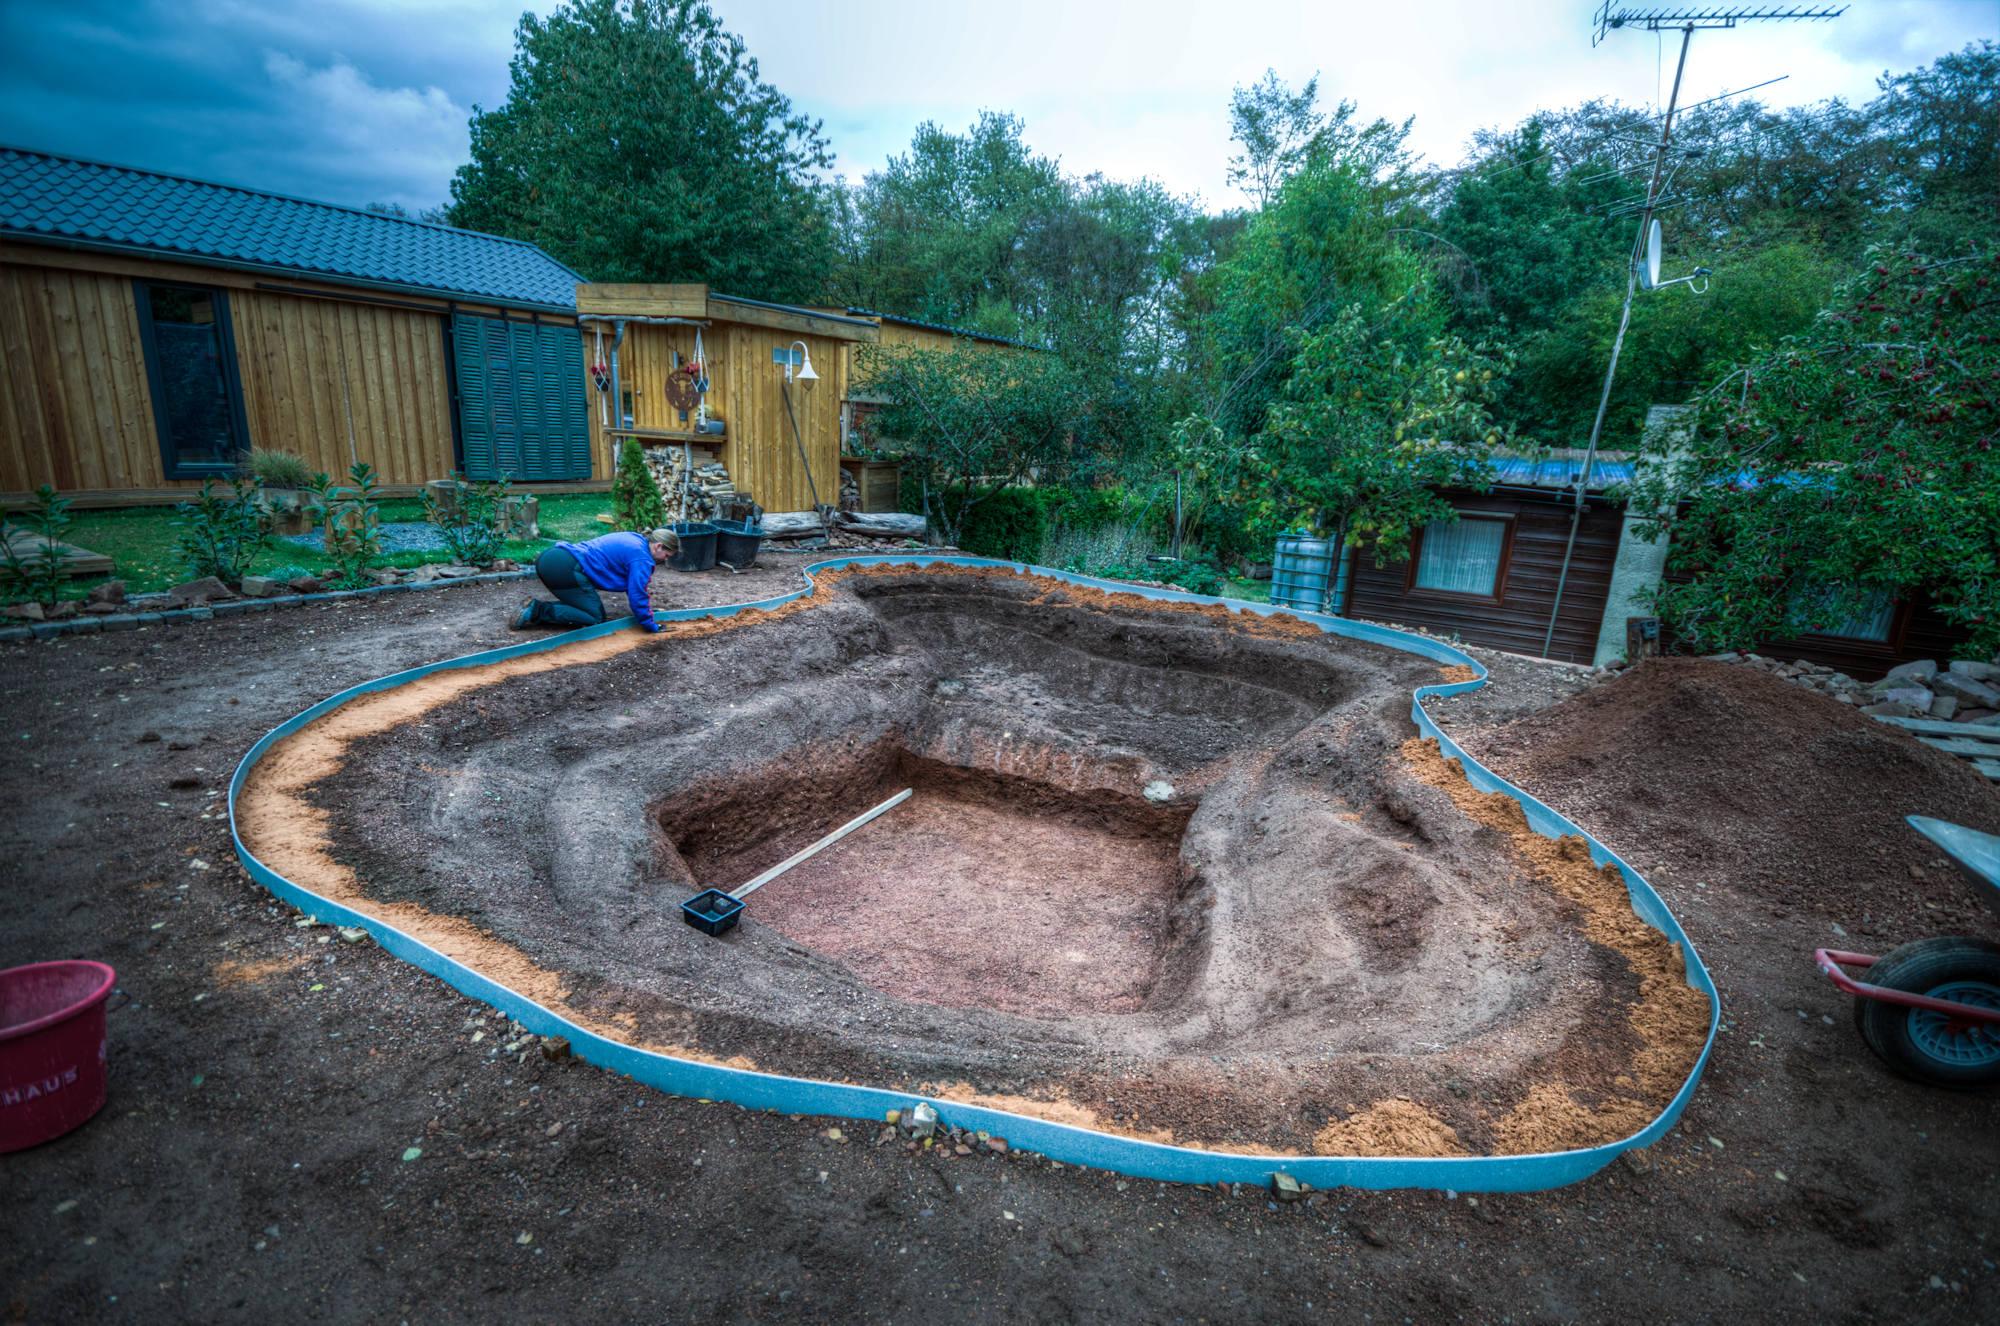 Tiny Haus Minhaus Mogroach Travelblog Teich Teichflies Schwimmteich Litermont Tiny Haus